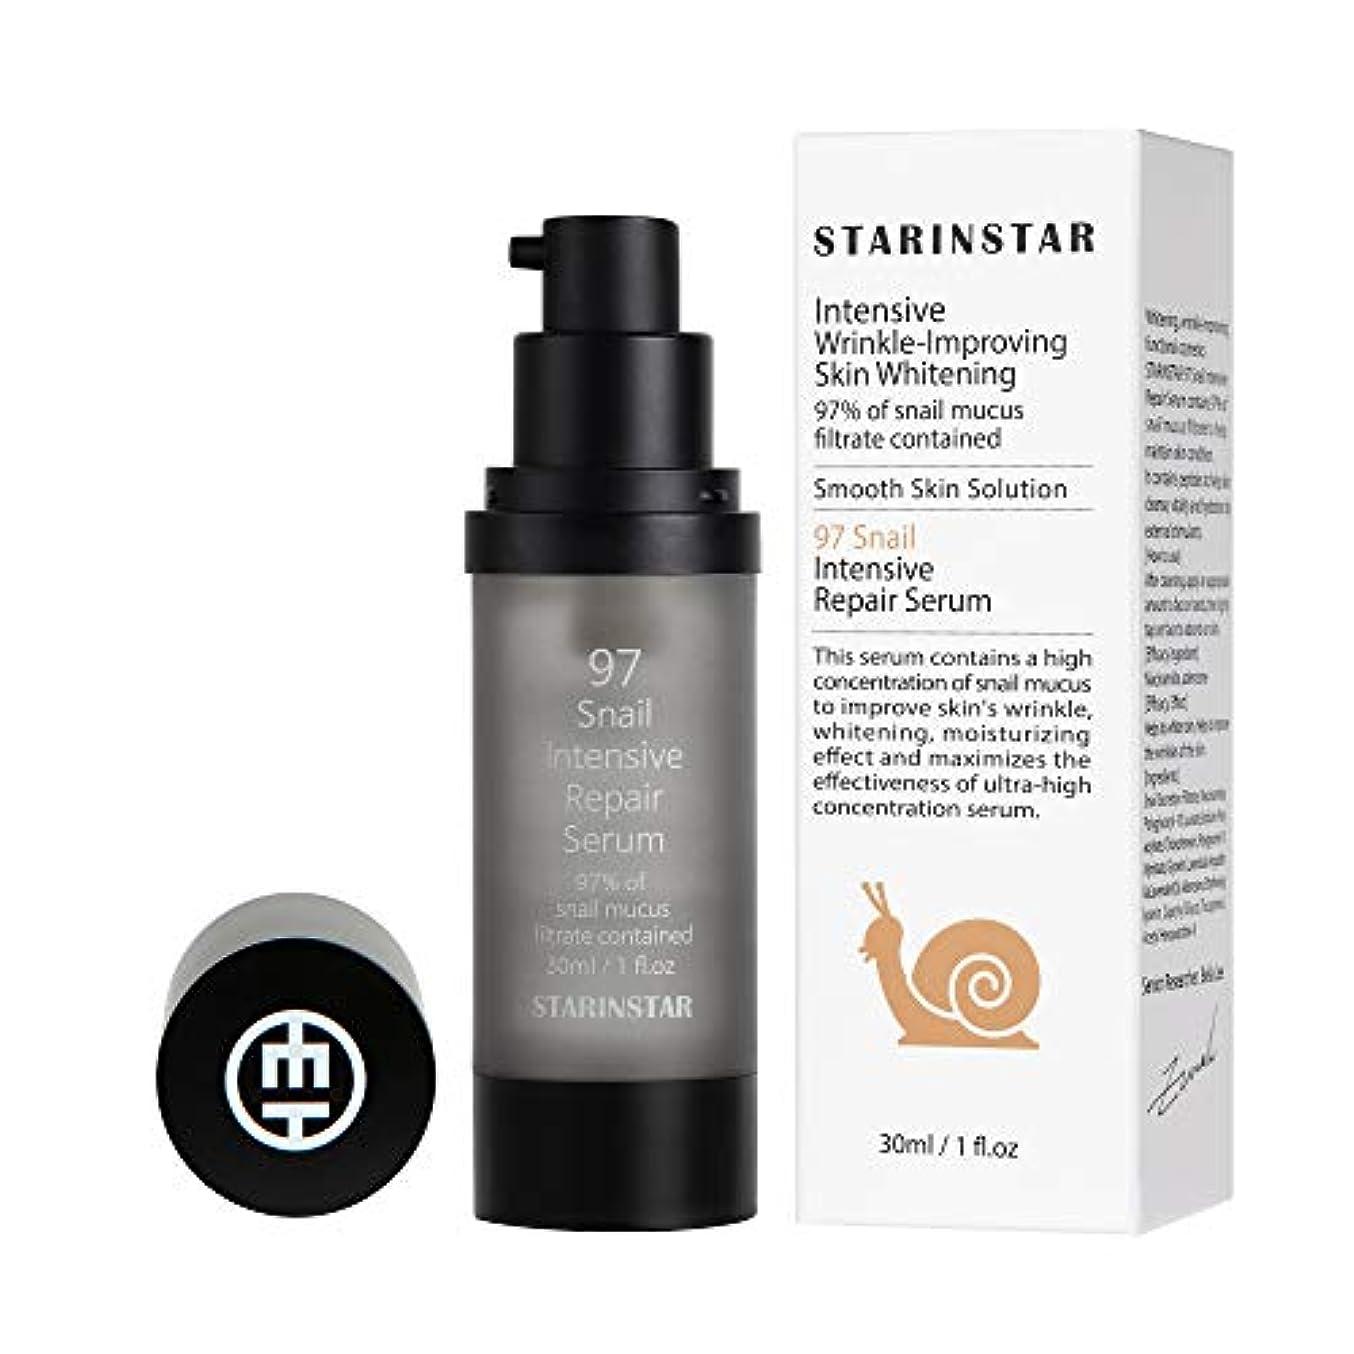 プロフェッショナルアソシエイト知る[STARINSTAR] 97 スネイルインテンシブリペアセラム 、ラベンダー油500ppmおよびペプチド100ppm、鼻汁粘液濾液の97%、30ml / 1fl.oz